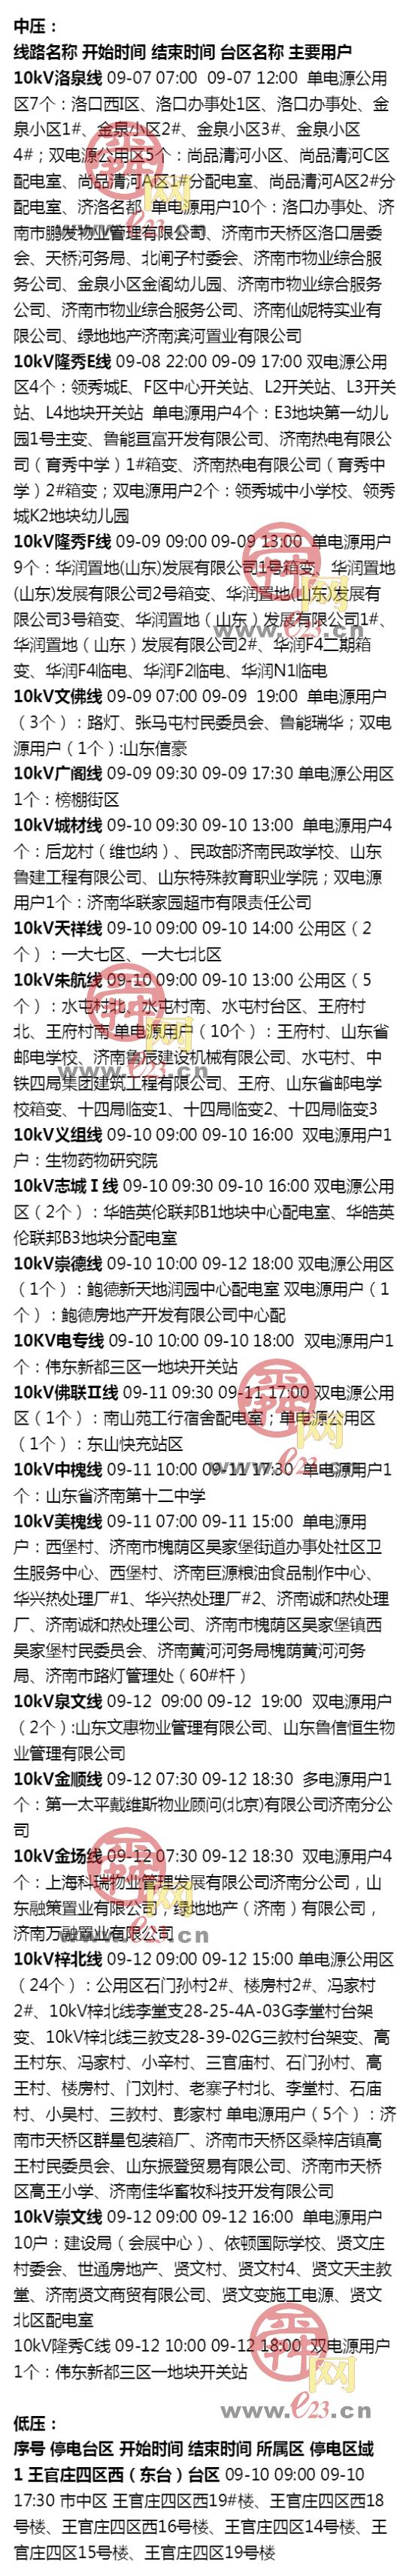 9月7日至9月13日济南部分区域电力设备检修通知